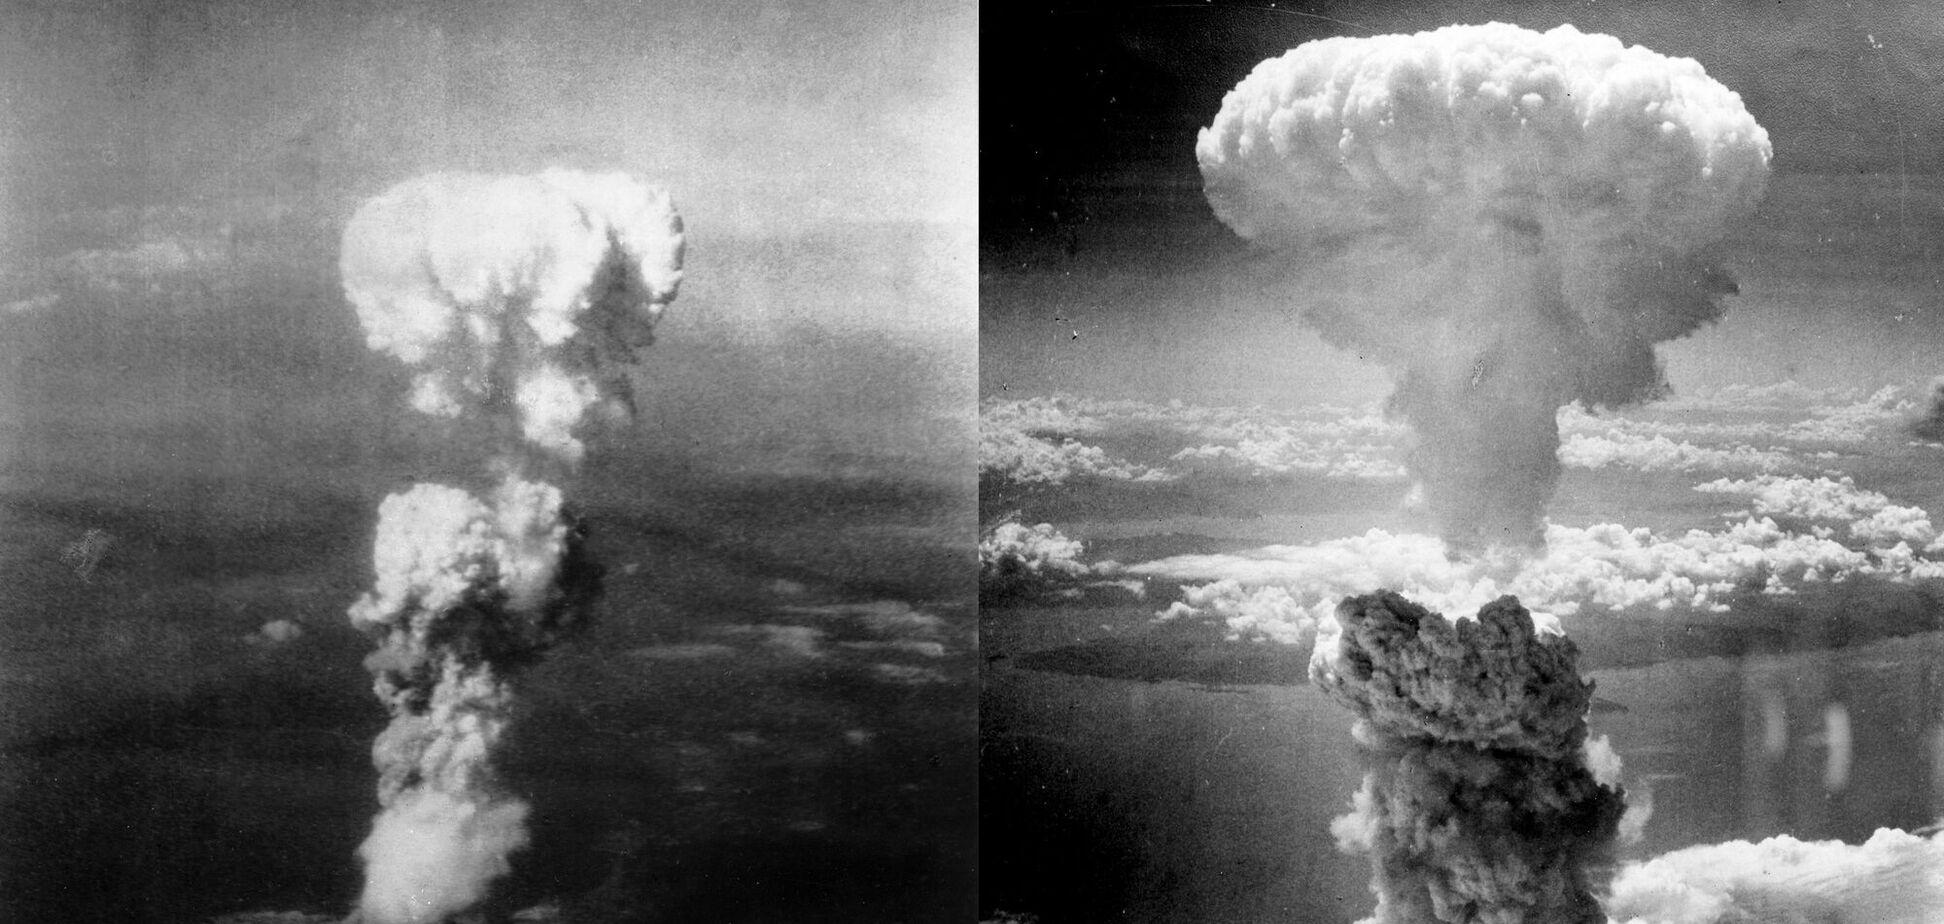 Ядерний гриб над Хіросімою і Нагасакі